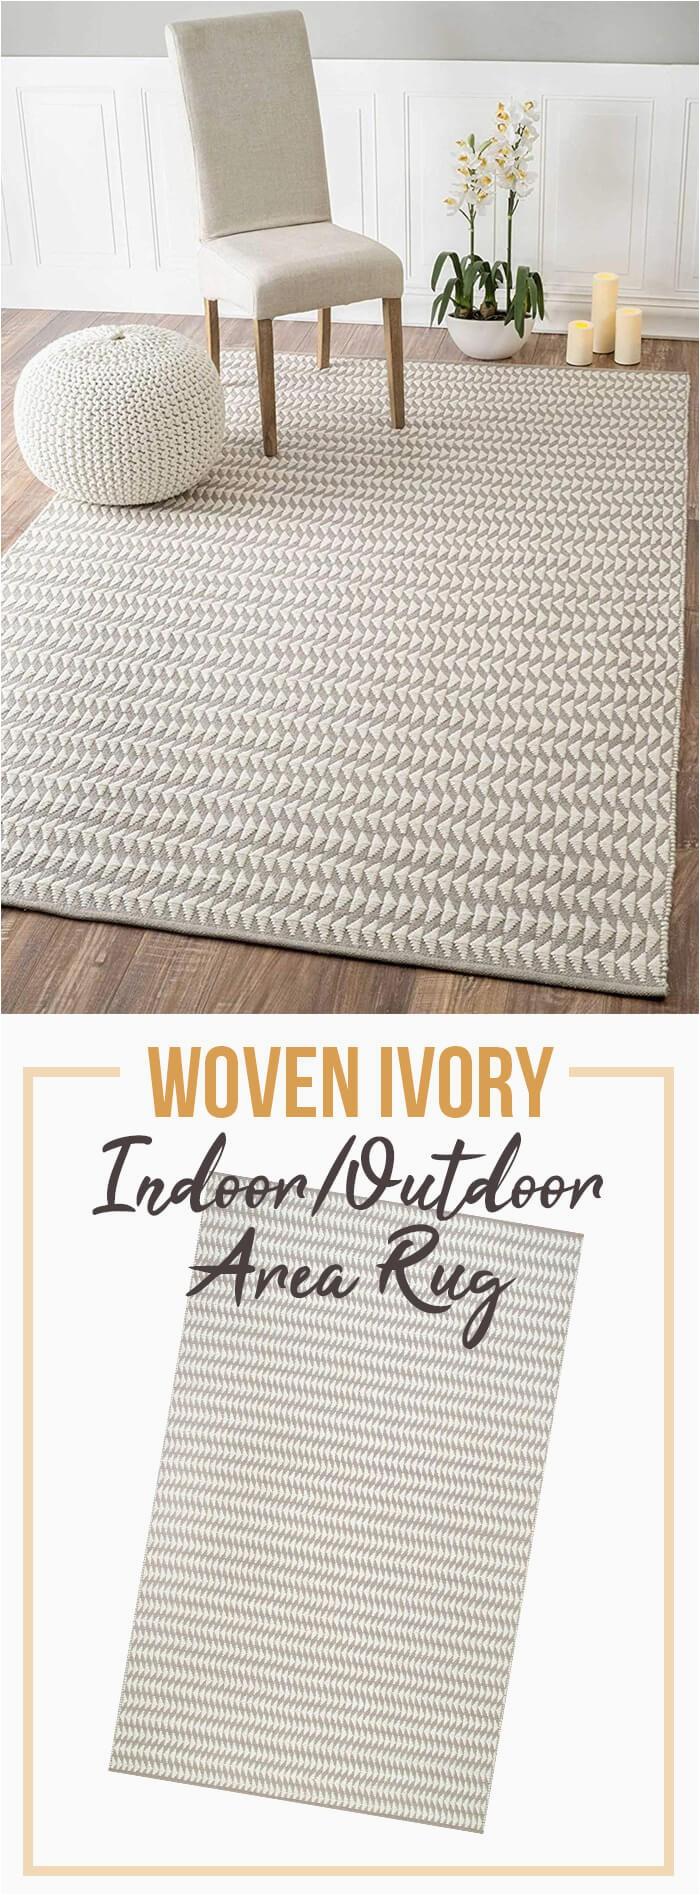 07 farmhouse rug ideas homebnc